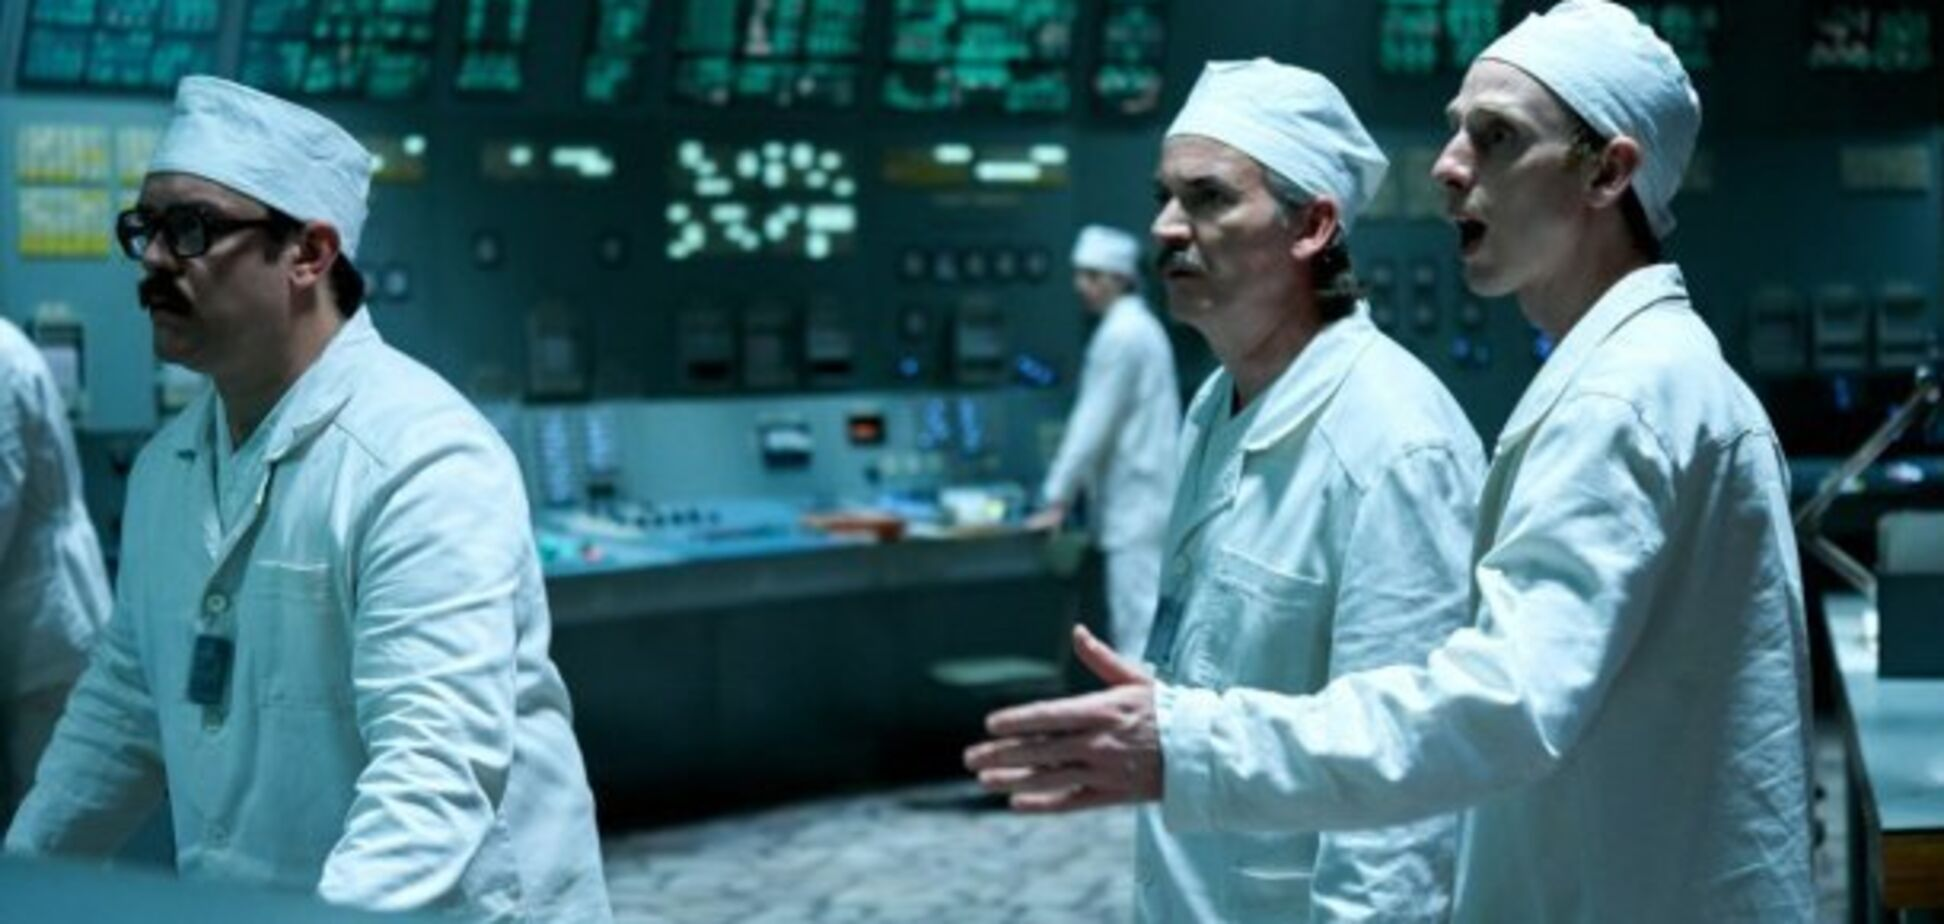 Послали б на х*й: Троїцький розповів про можливий 'Чорнобиль' у Росії